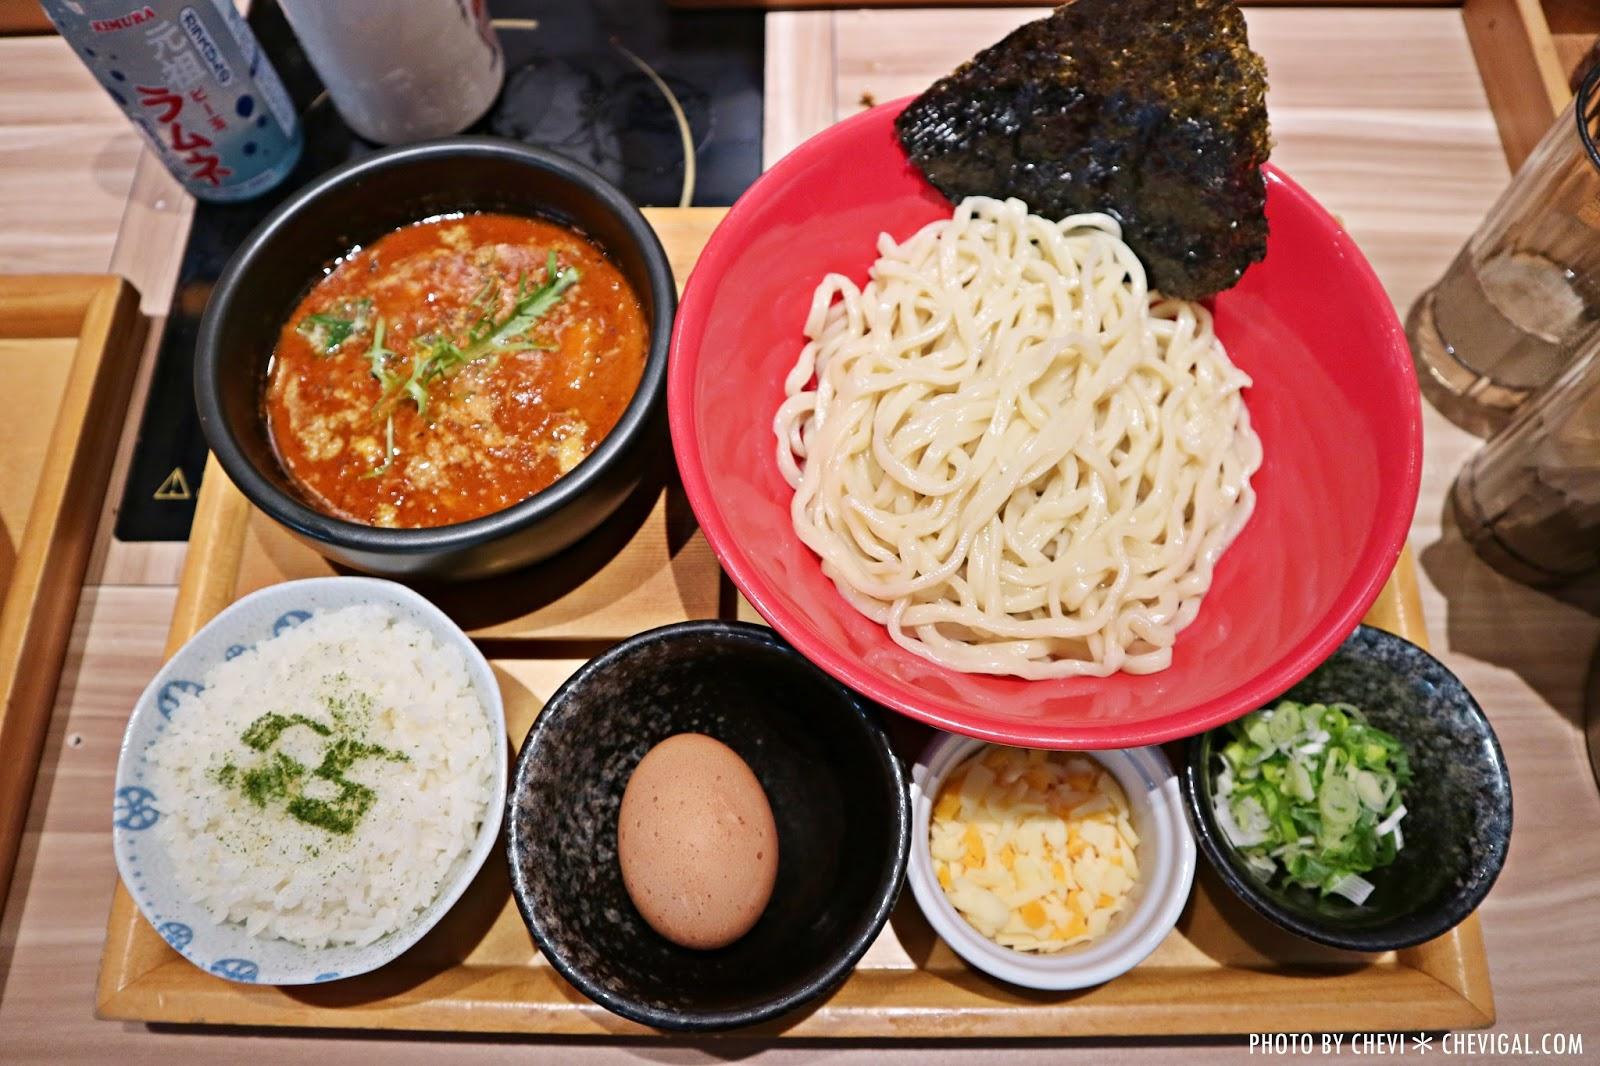 IMG 9784 - 熱血採訪│富士山55沾麵,富士山55周年感謝祭。澎派菜單全新登場。還有免費 Cold Stone冰淇淋請你吃